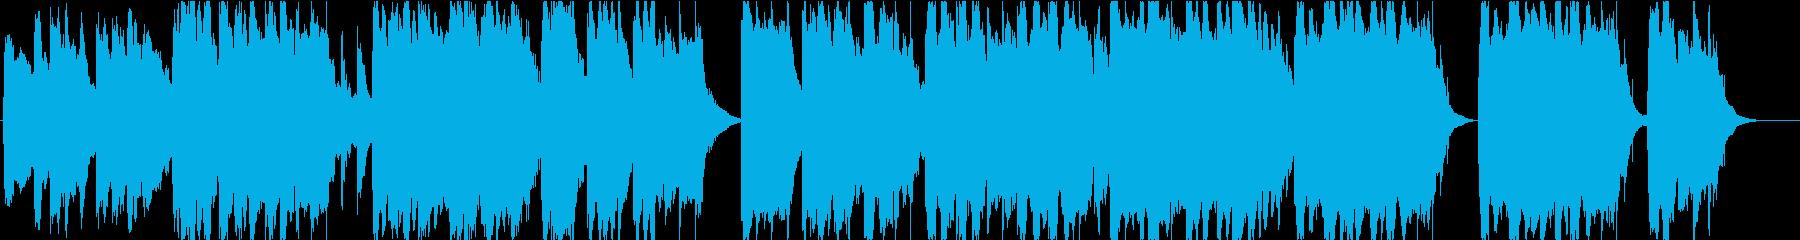 哀愁のある幻想的でノスタルジックなBGMの再生済みの波形